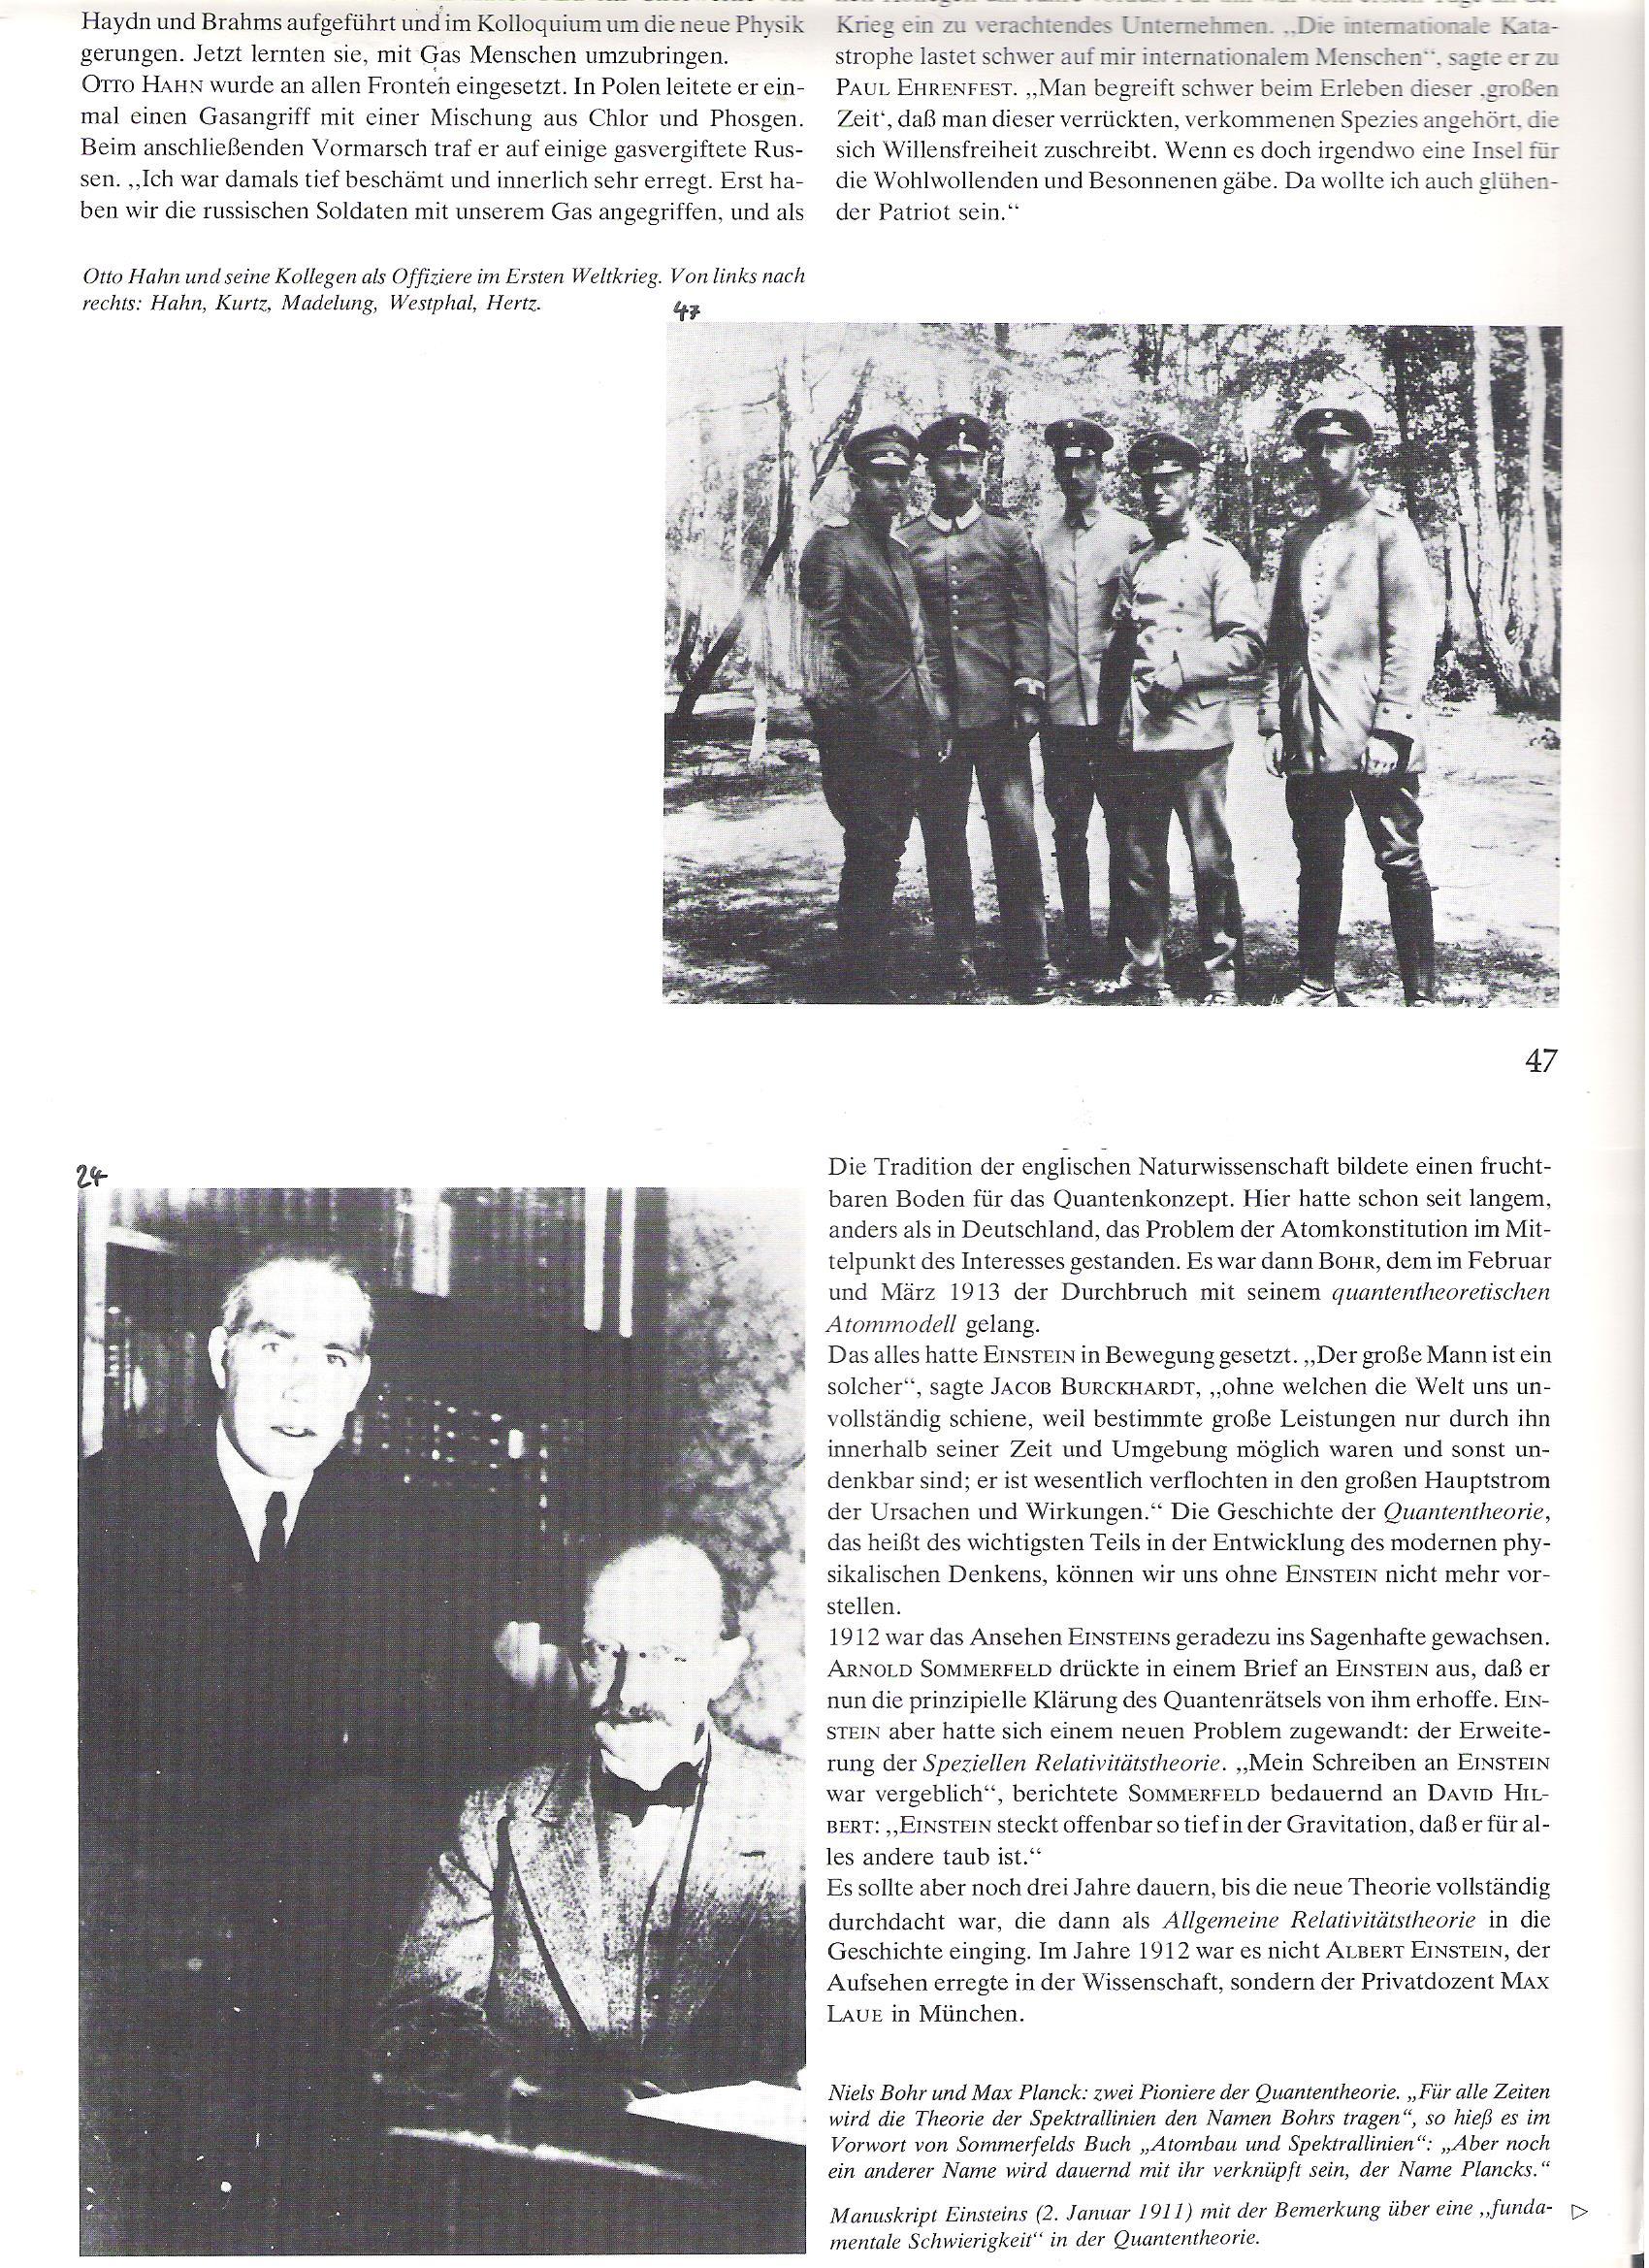 """24<br />Niels Bohr és Max Planck: a kvantumelmélet két úttörője. """"A színképvonalak elmélete minden időkben Bohr nevéhez fogja viselni"""", ez áll Sommerfeld  """"Atomfelépítés és színképvonalak"""" című könyvében -""""de egy másik név, Planck neve mindig össze lesz kötve vele.""""<br /><br />47<br />Ott Hahn és kollégái, mint tisztek az első világháborúban.<br />Balról jobbra: Hahn, Kurtz, Madelung, Westfahl, Hertz."""